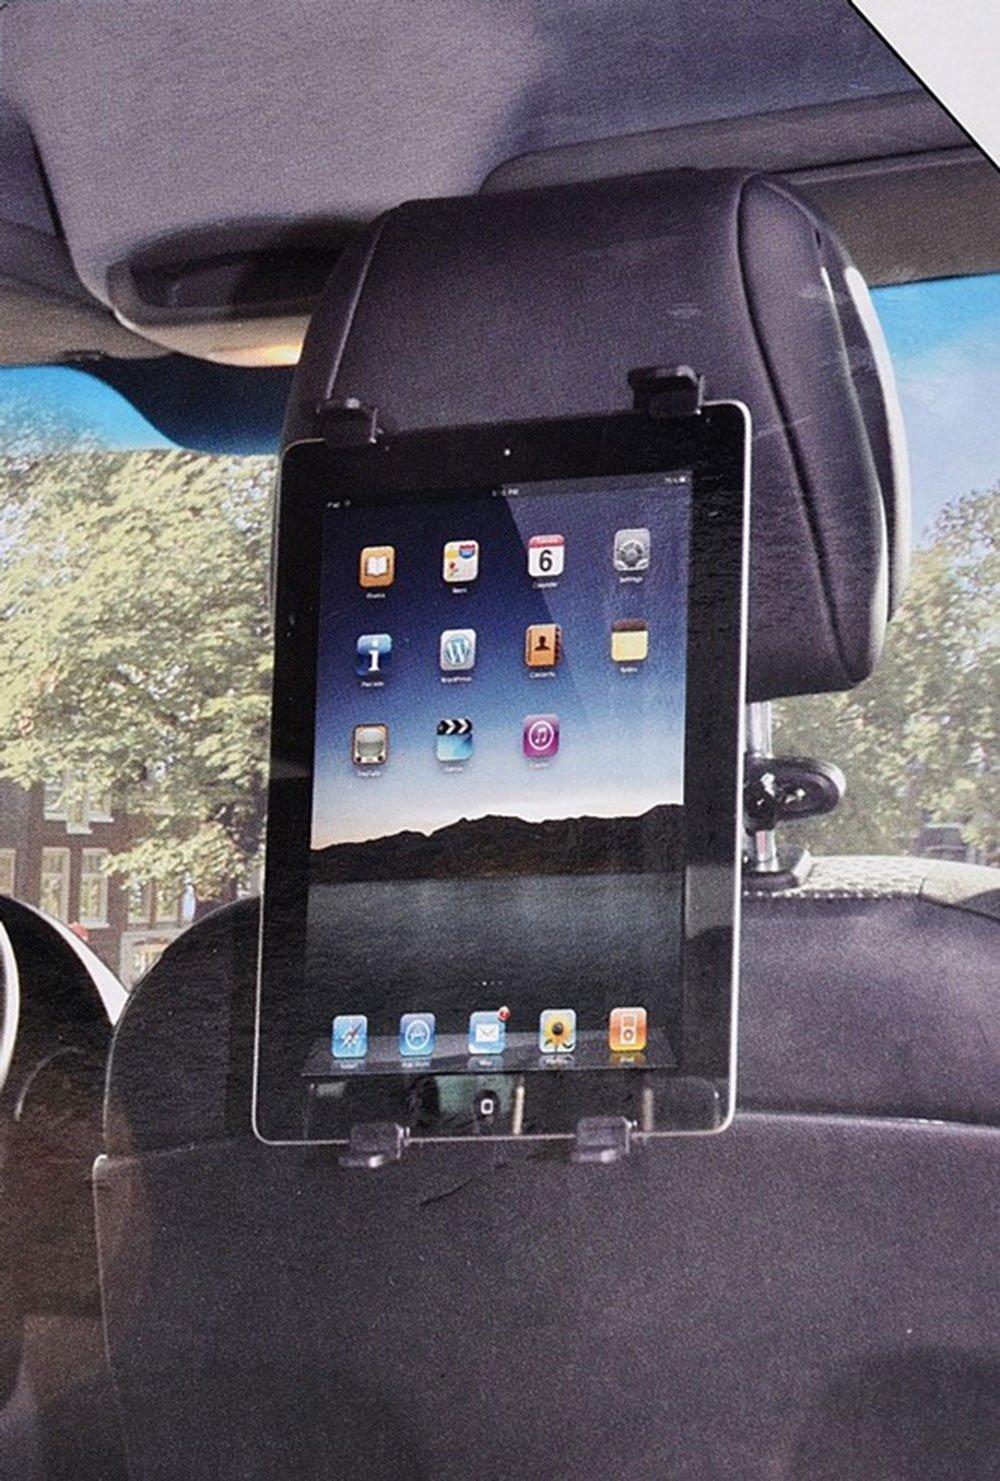 Vetrineinrete® Supporto tablet per auto da agganciare al poggiatesta del sediolino rotante 360 per ipad samsung per viaggio intrattenimento in macchina 7-10 pollici C50